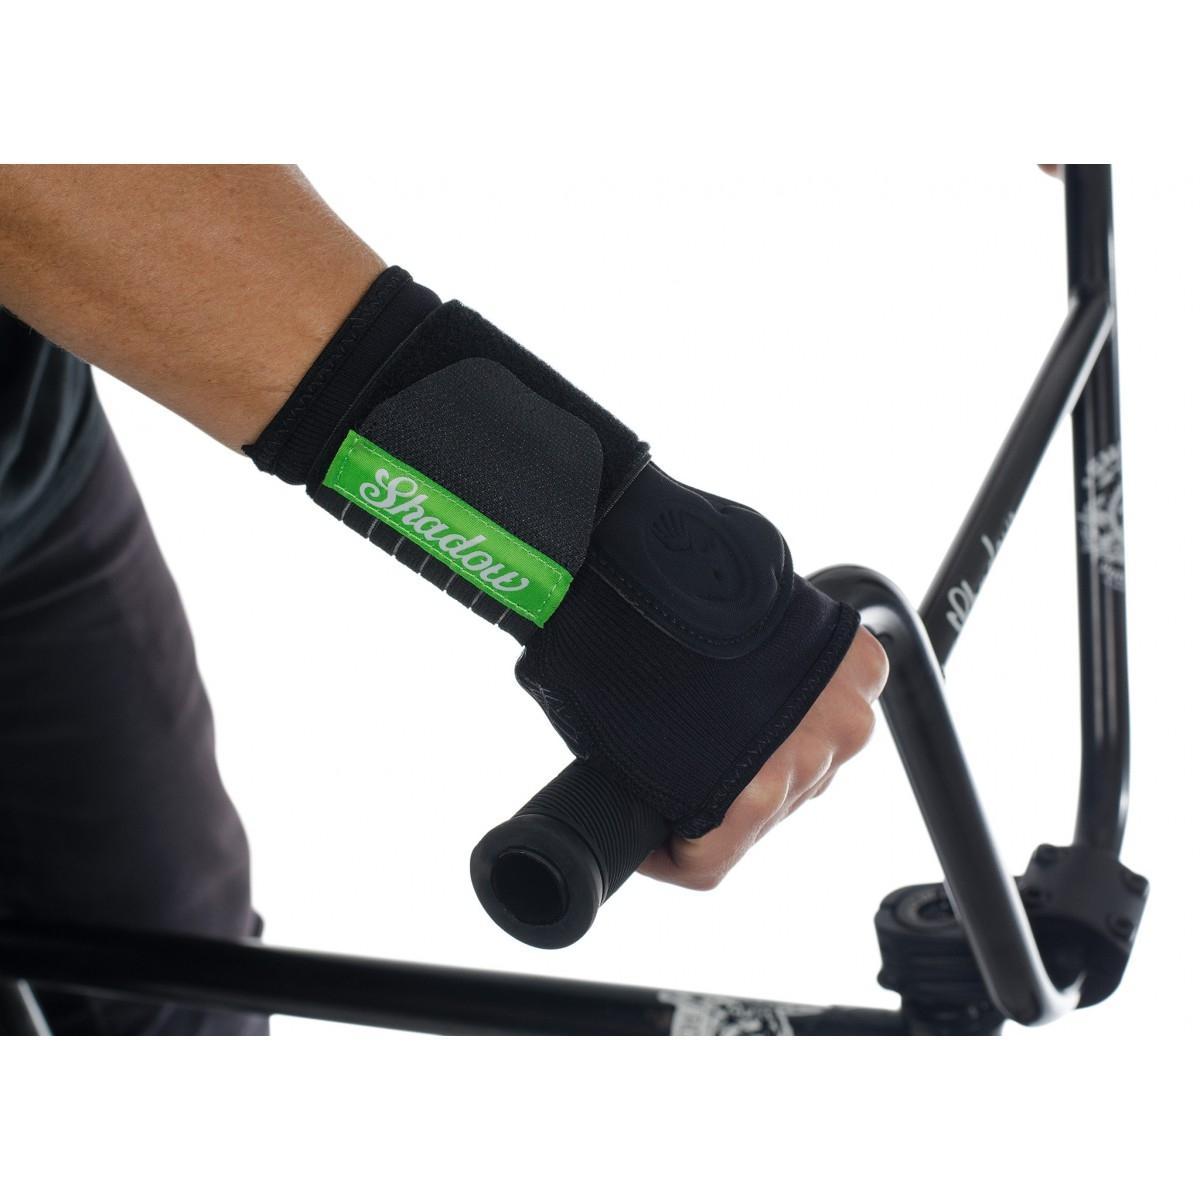 Protège-poignet TSC Revive Wrist Support Droit (Taille unique)